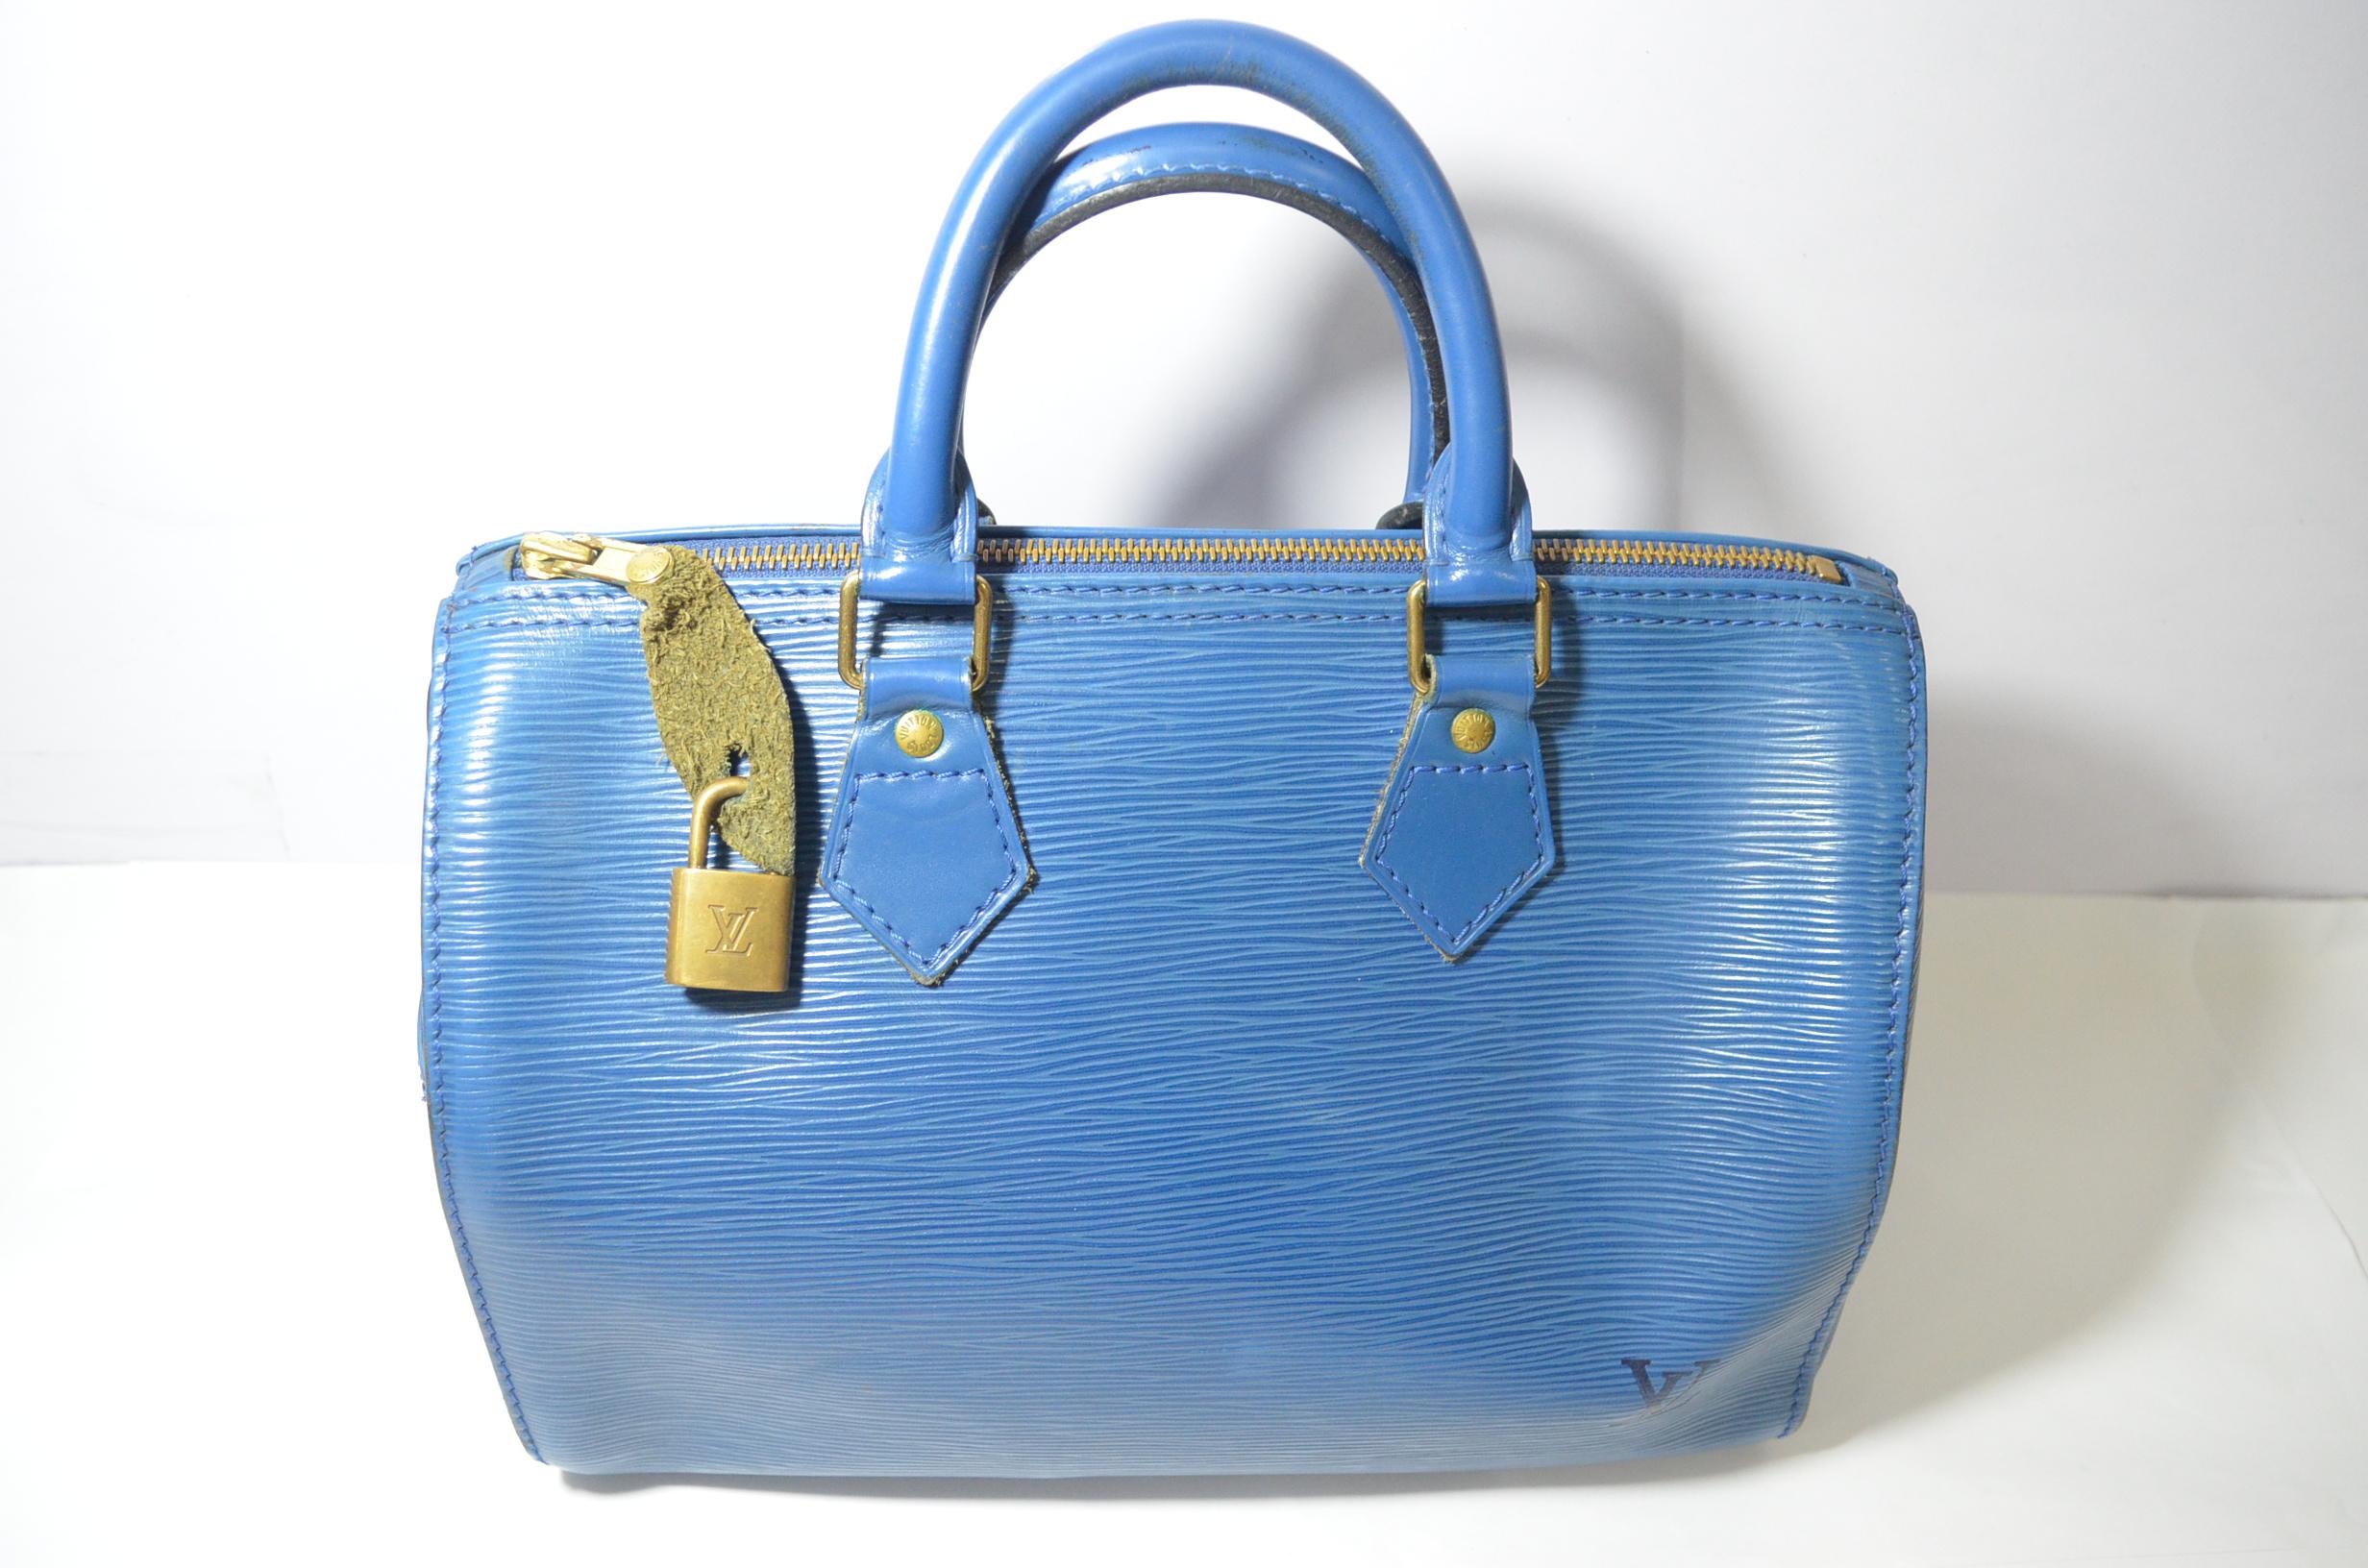 Louis Vuitton Epi Speedy Bag (Toledo Blue)